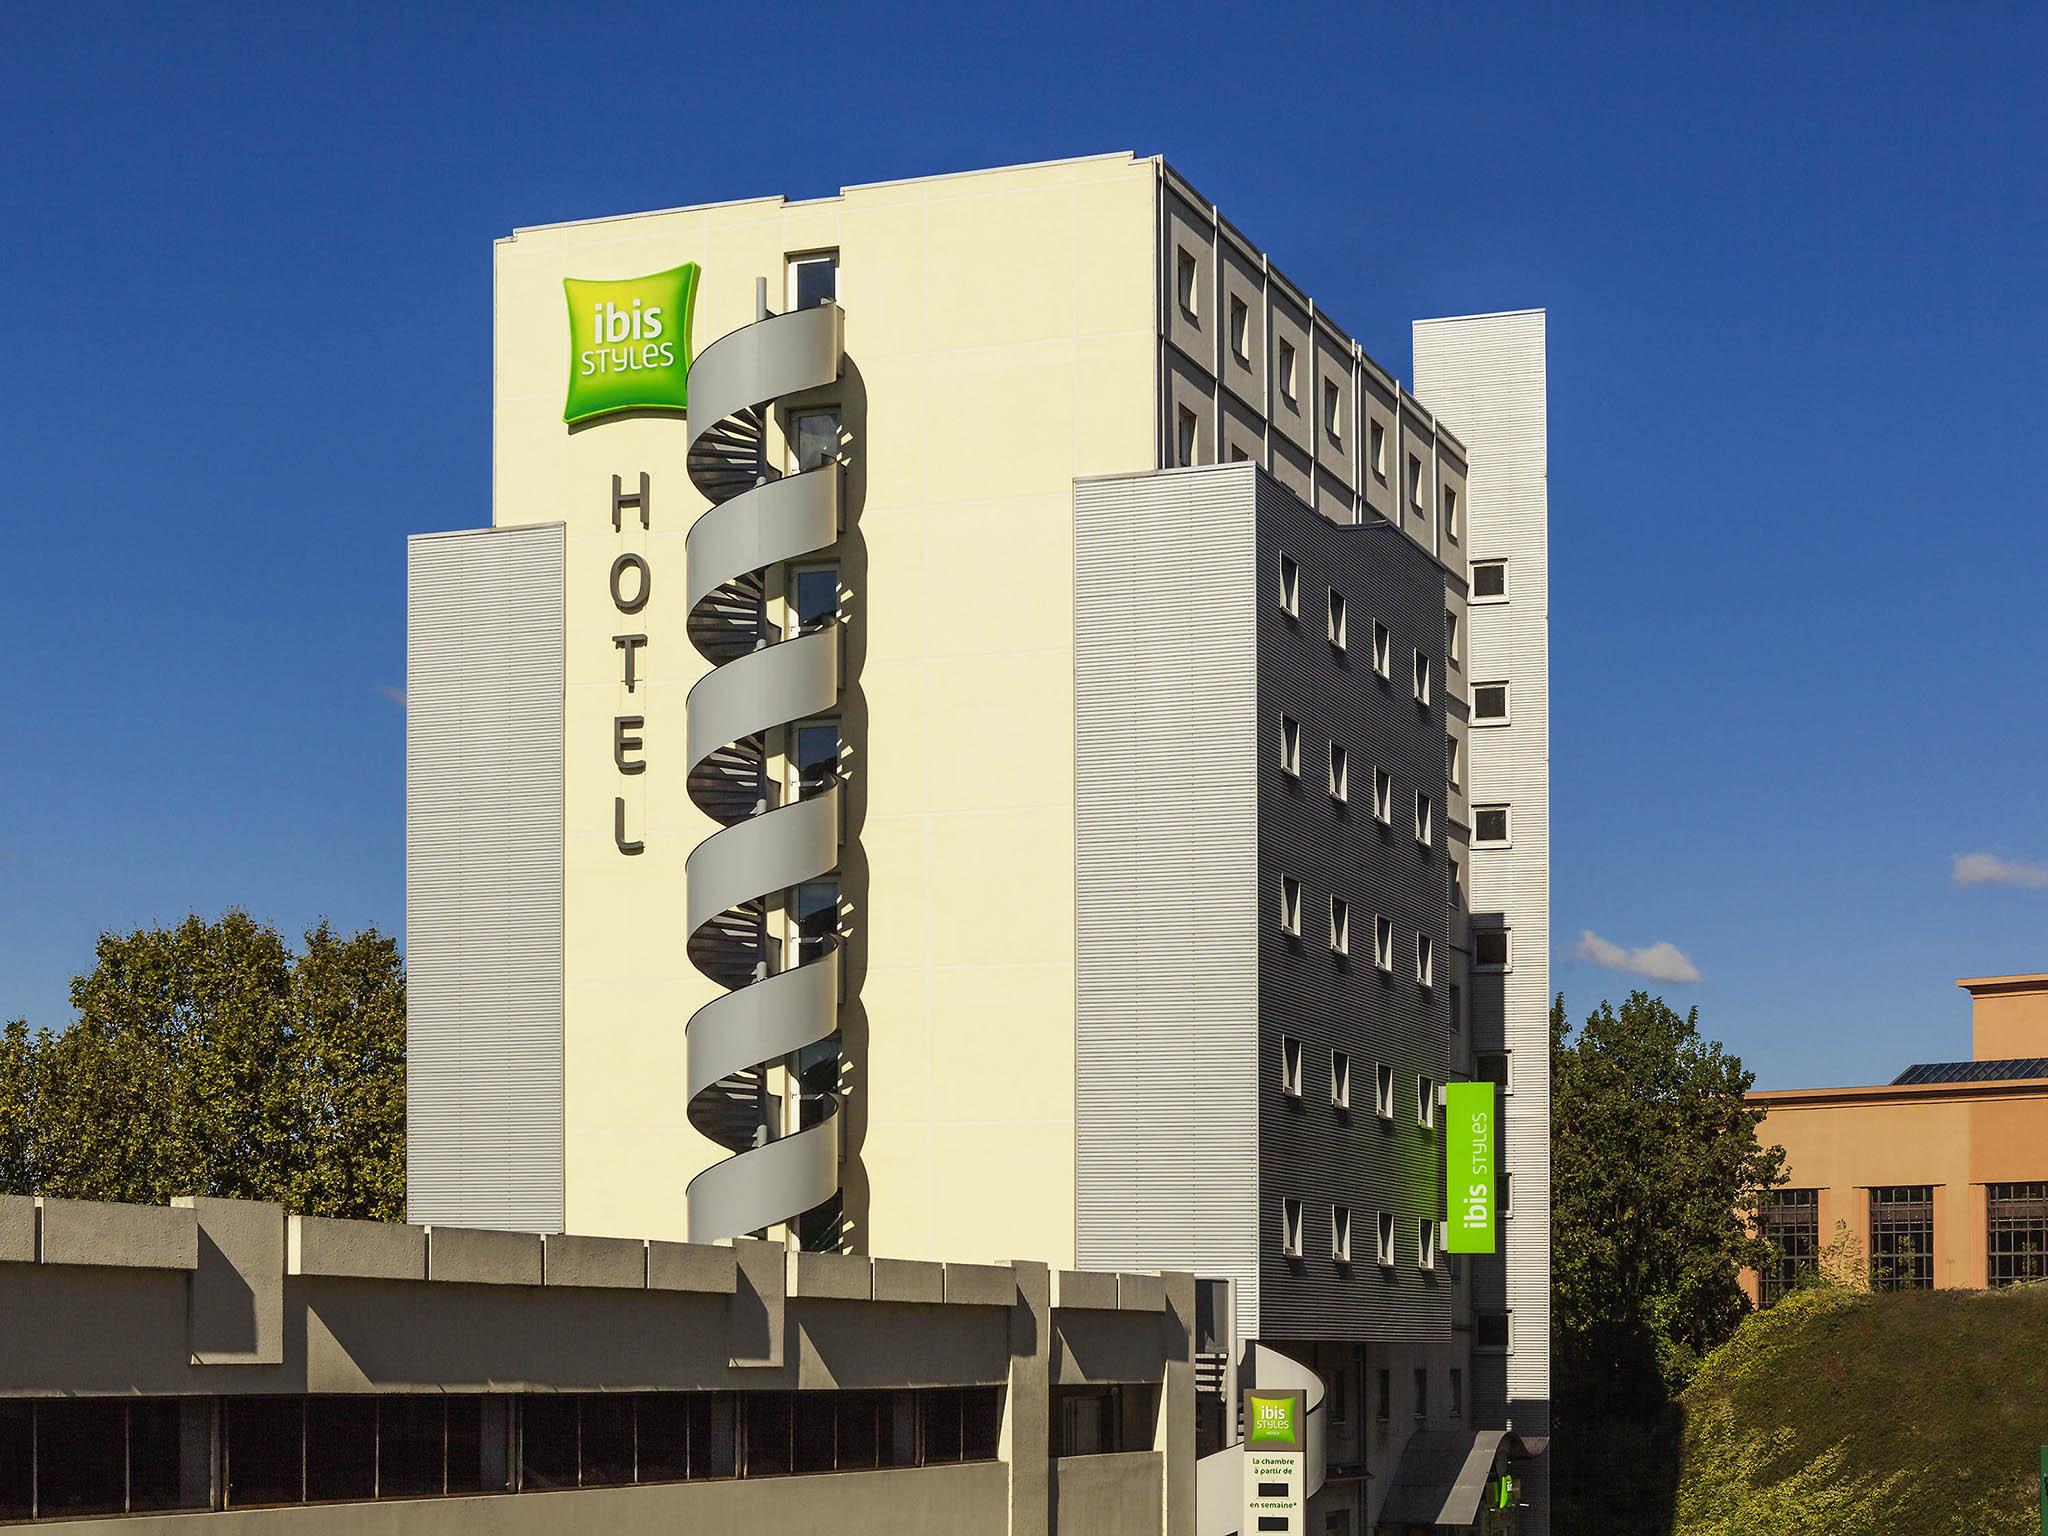 Ibis Hotel Saint Ouen